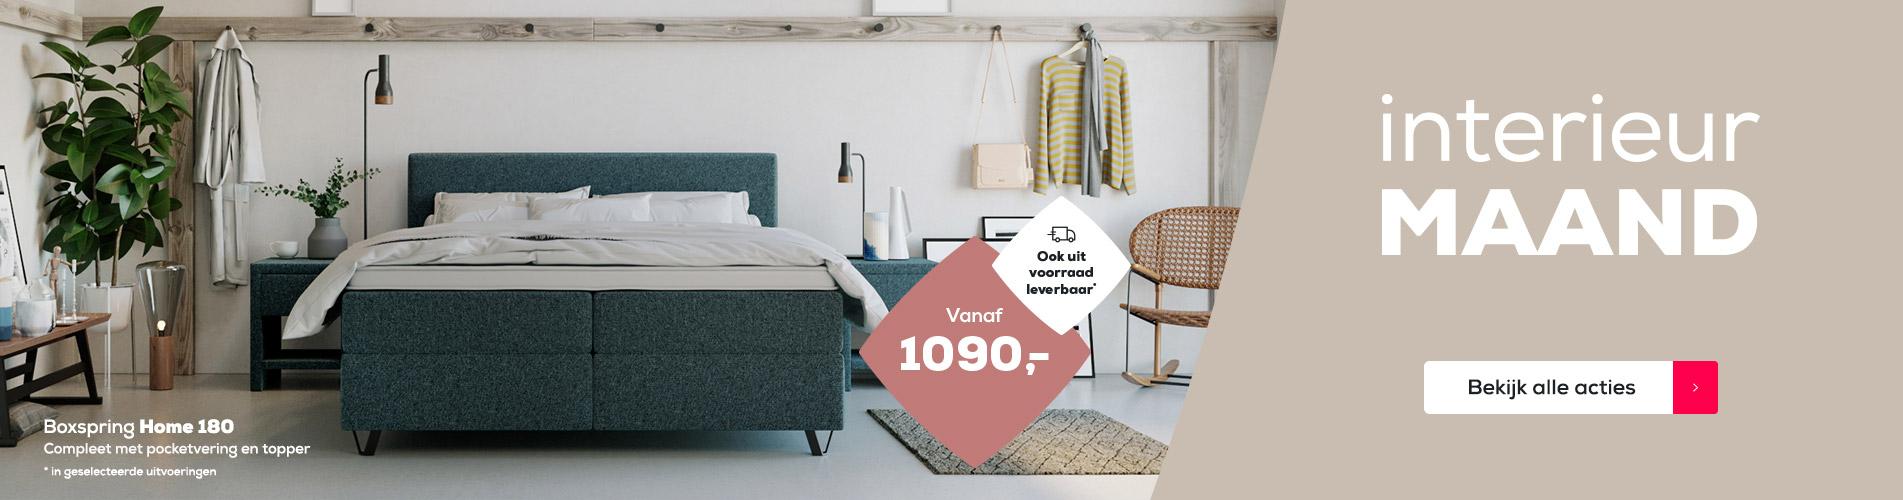 Boxspring Home 180 voor €1090,- | Uit voorraad leverbaar | Interieurmaand | Swiss Sense